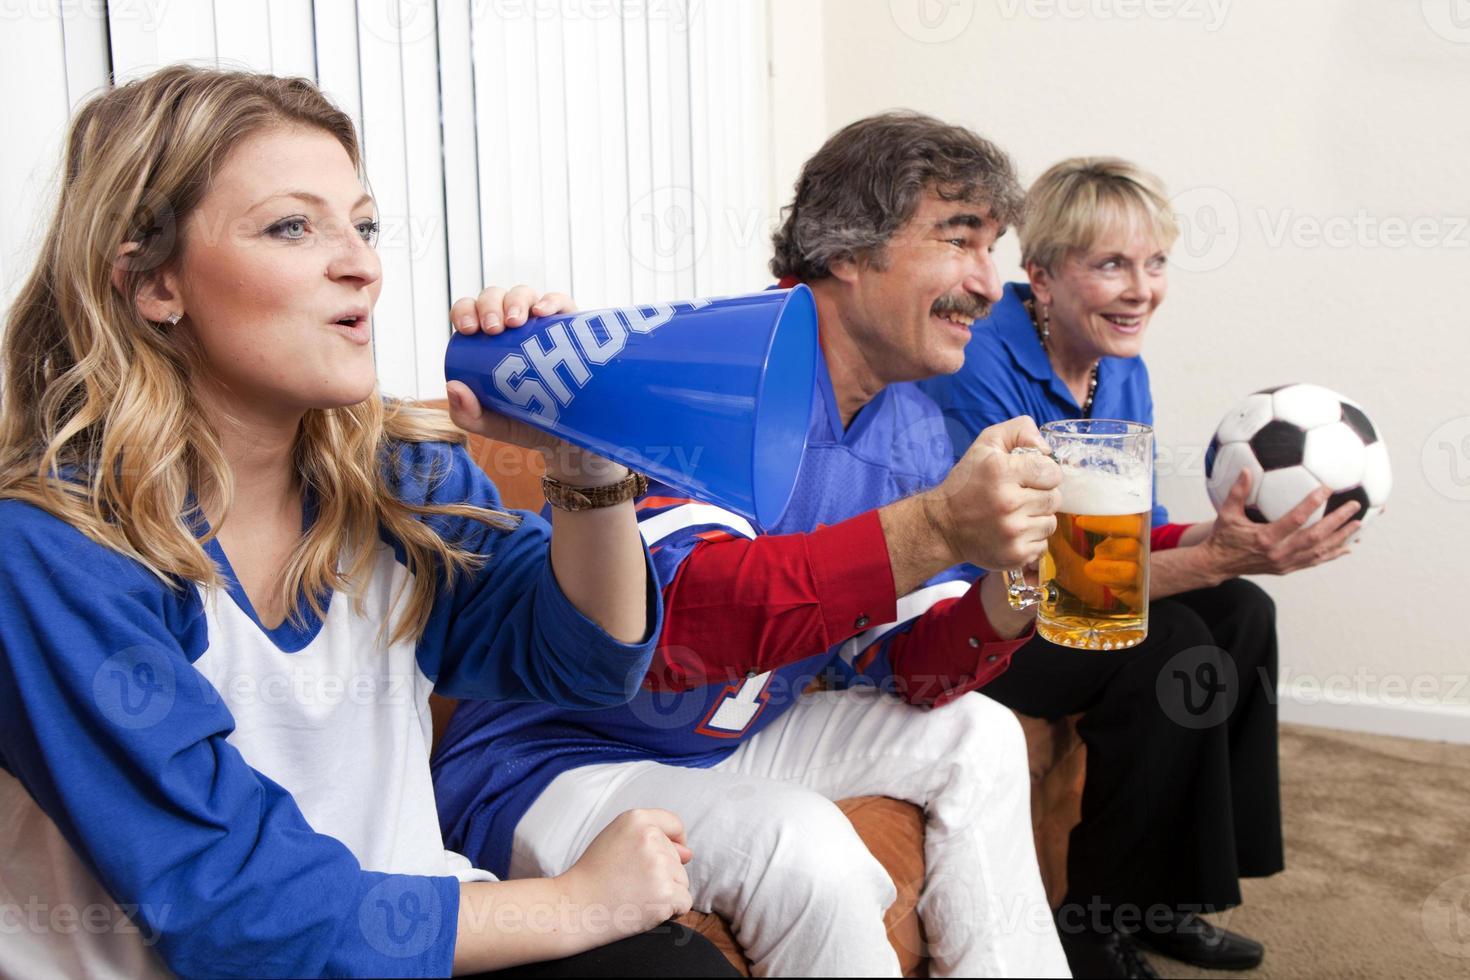 grupo diversificado de familiares e amigos assistindo a um jogo de futebol foto